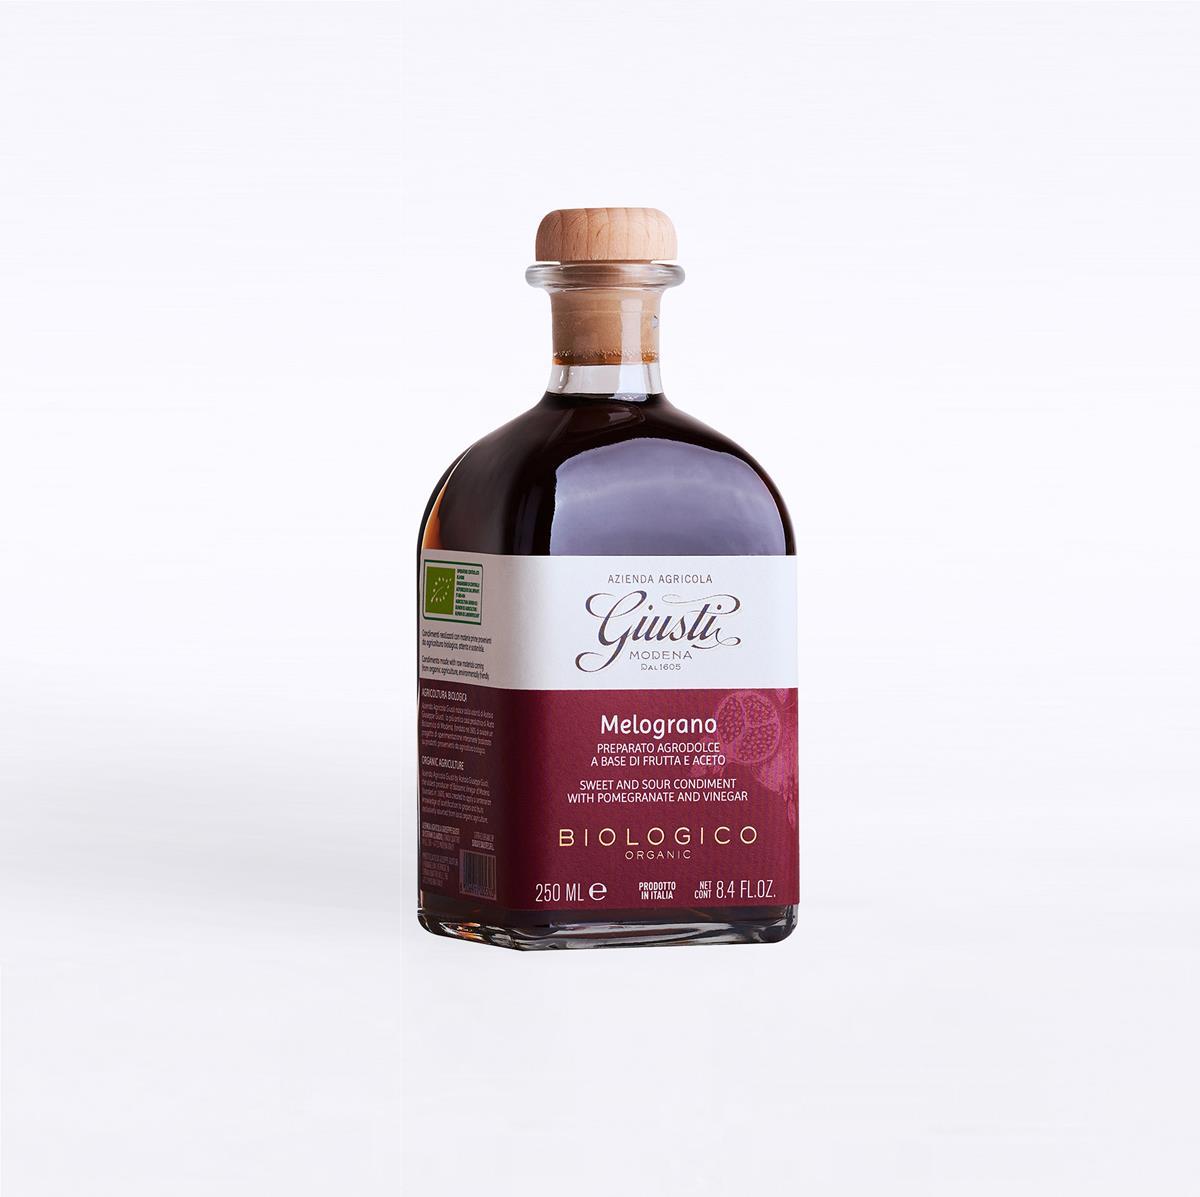 Agrodolci a base di frutta e aceto - Biologico - Melograno 250 ml